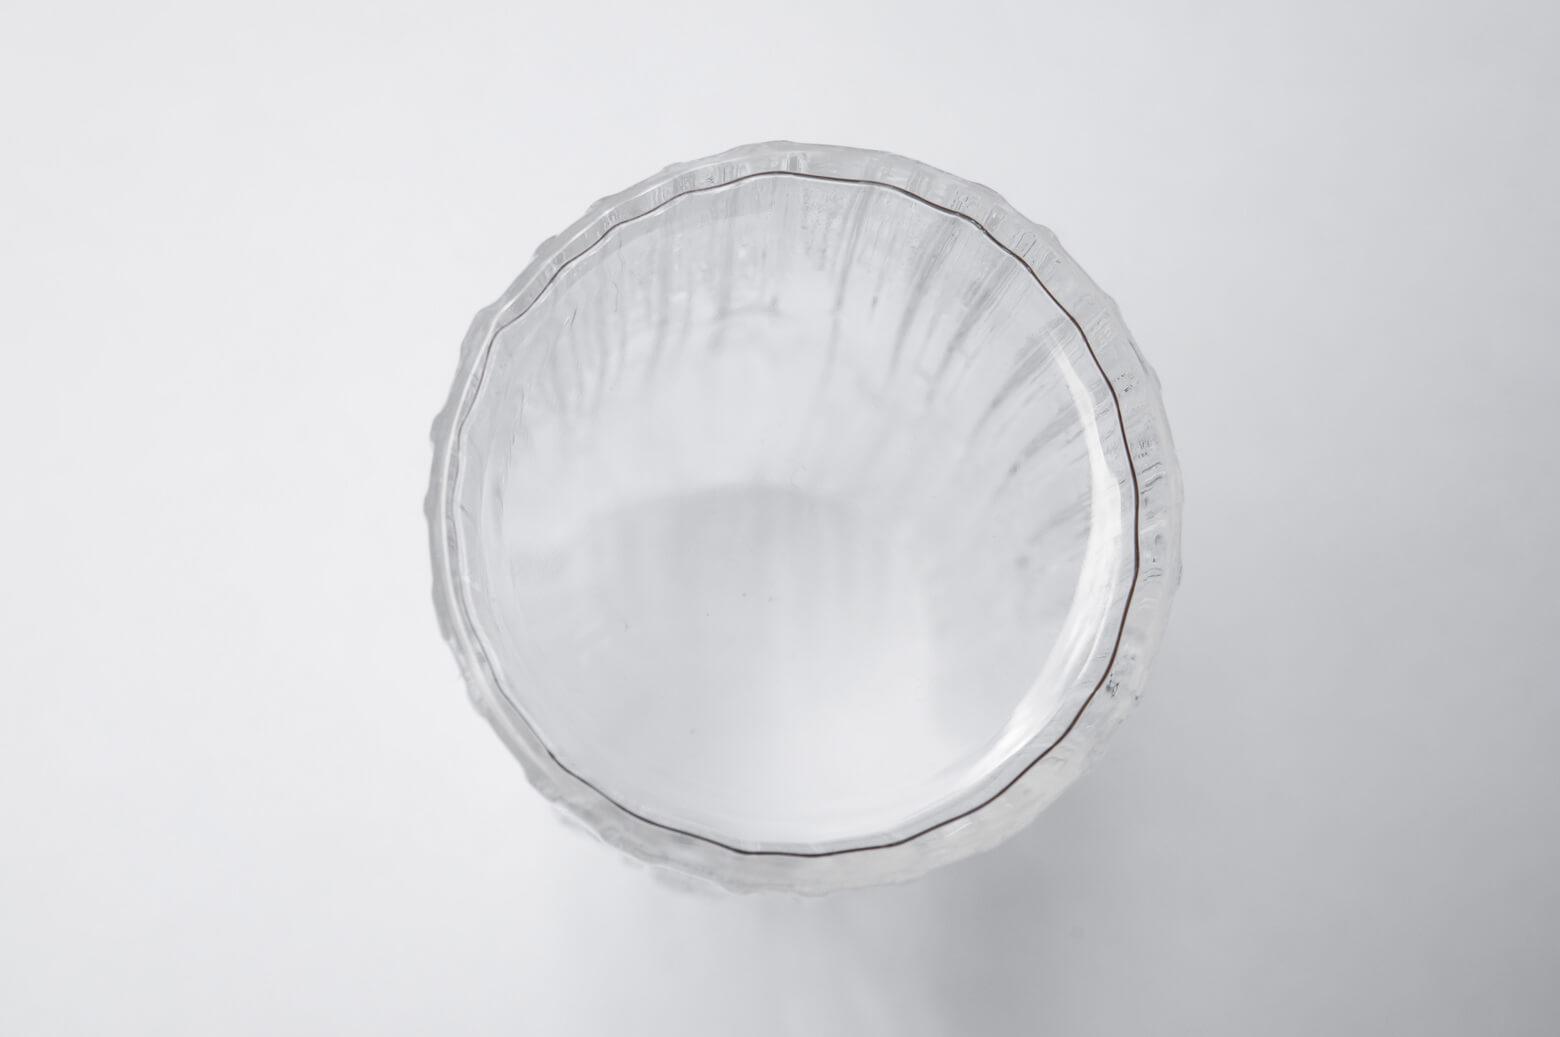 iittala mesi Glass Tumbler Tapio Wirkkala/イッタラ メシ タピオ ヴィルカラ グラス 2